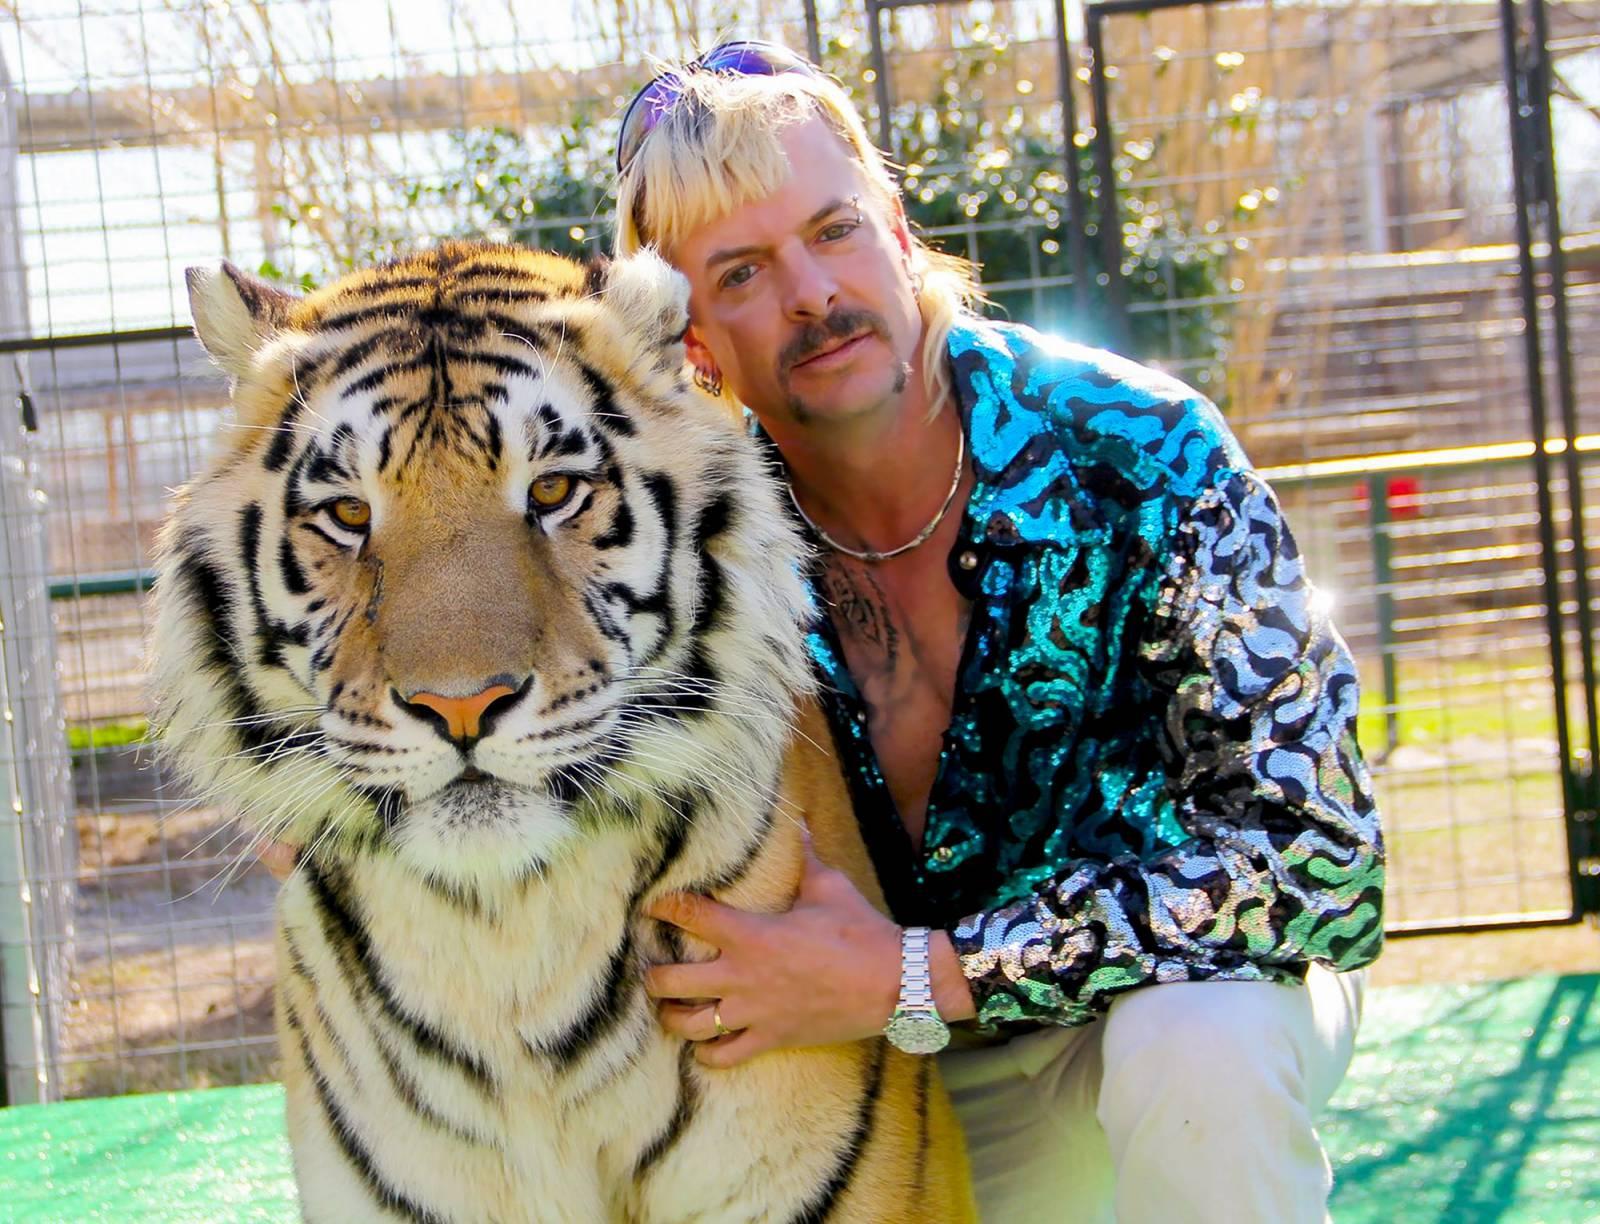 Nowy odcinek Tiger King ma rzekomo pojawić się wprzyszłym tygodniu naNetflixie